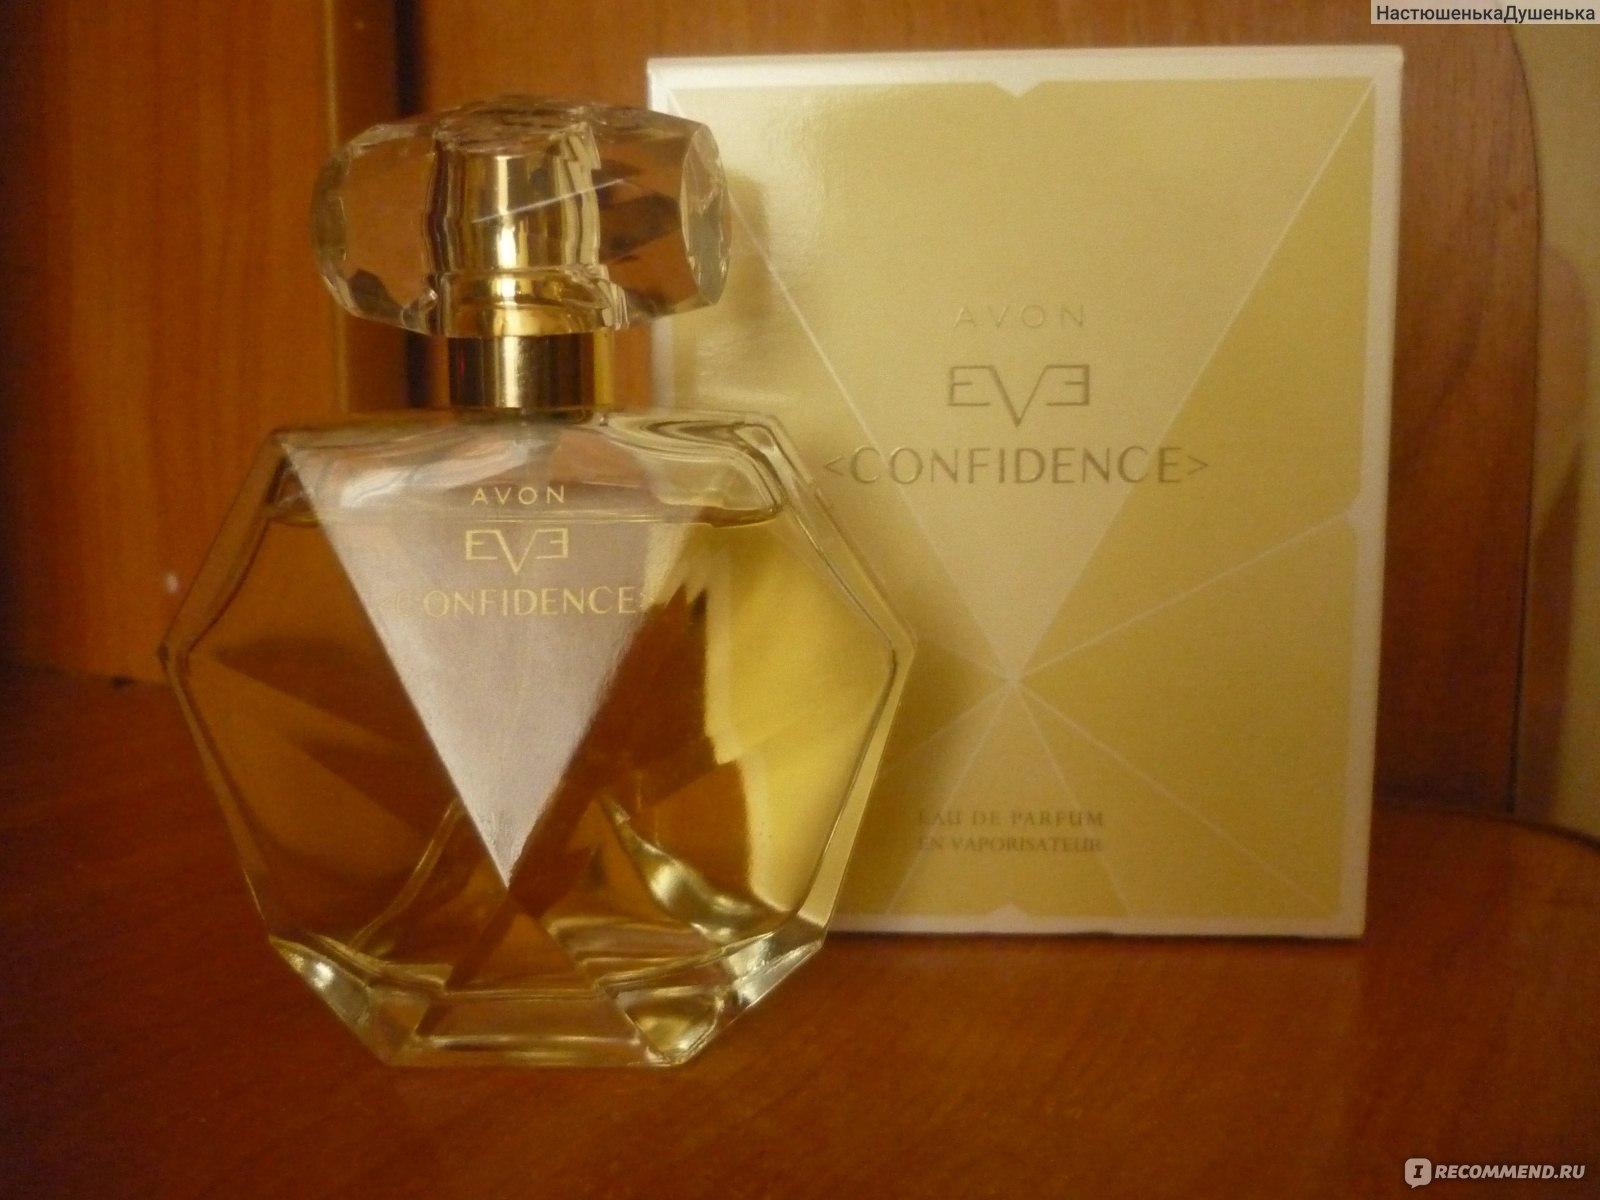 Avon Eve Confidence эликсир женственности отзывы покупателей